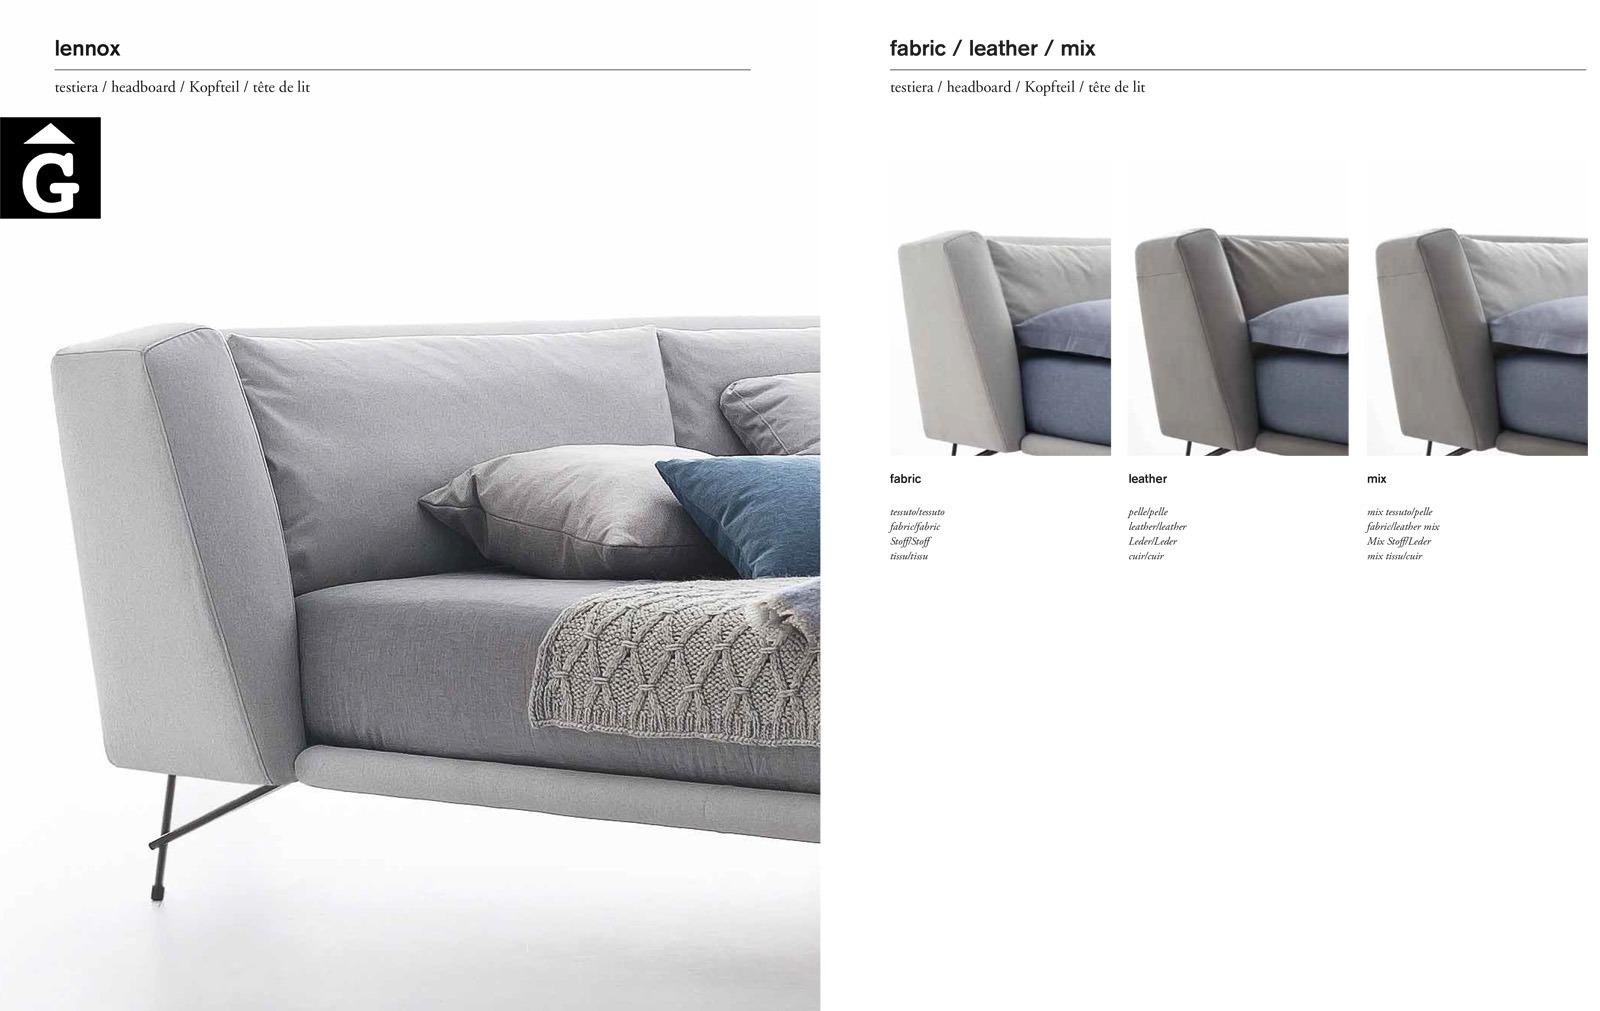 10 Lennox detall acabats- Ditre Italia llits entapissats disseny i qualitat alta by mobles Gifreu